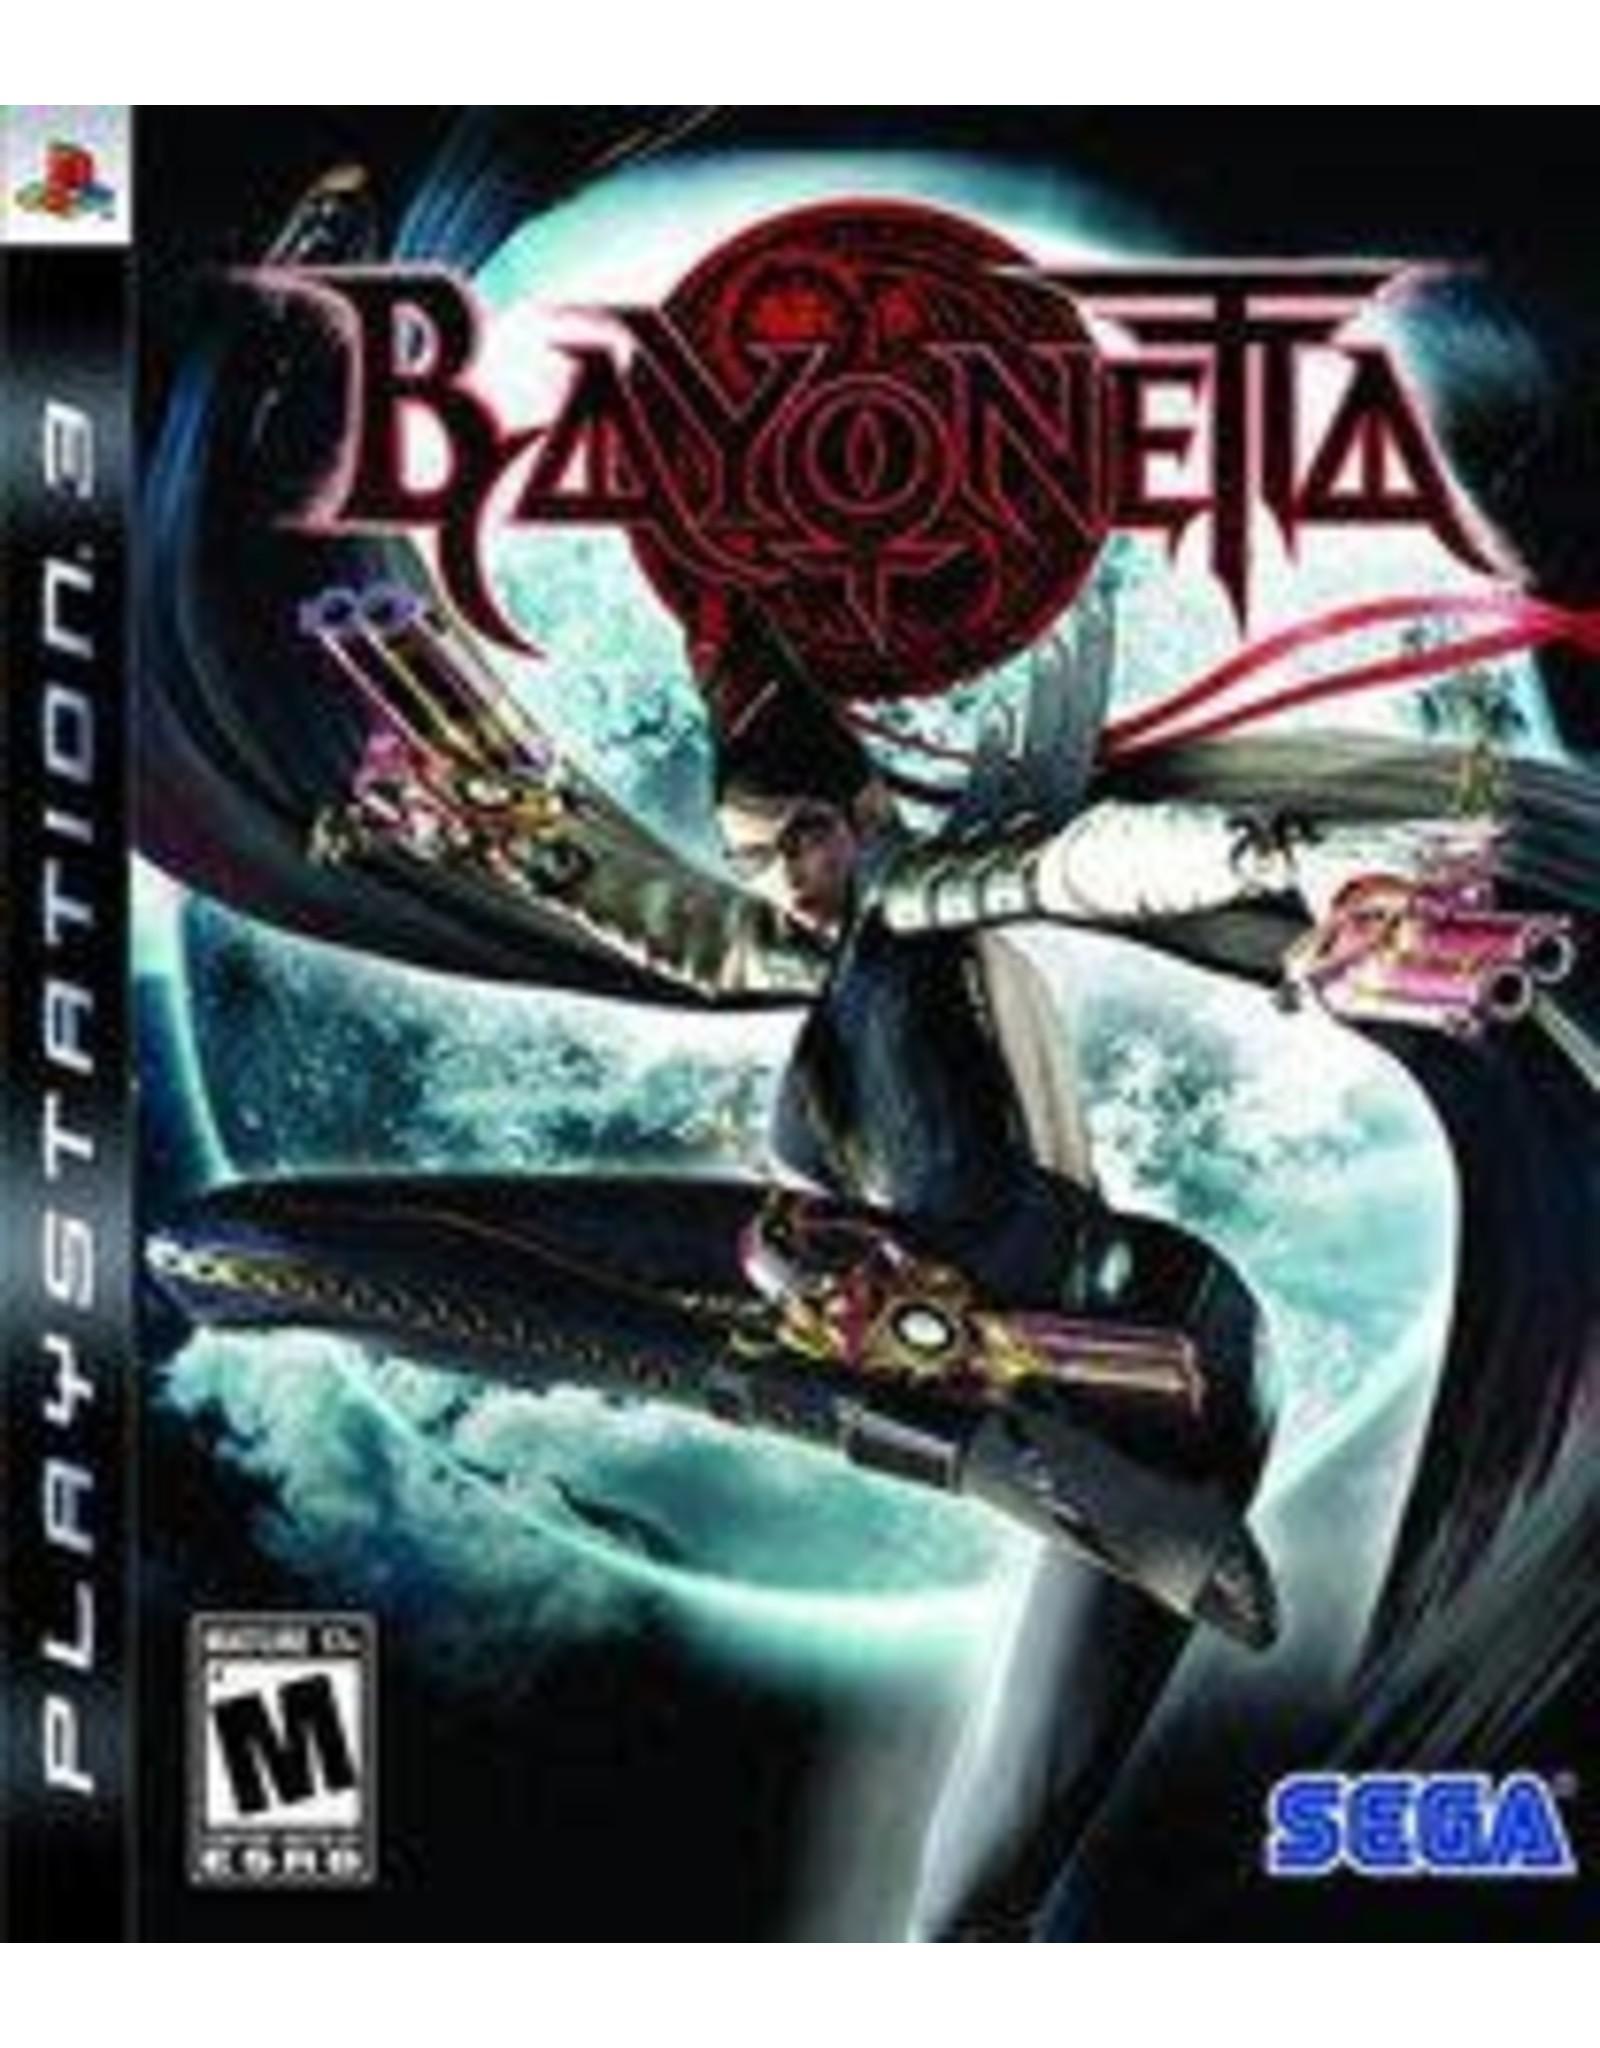 Playstation 3 Bayonetta (CiB)